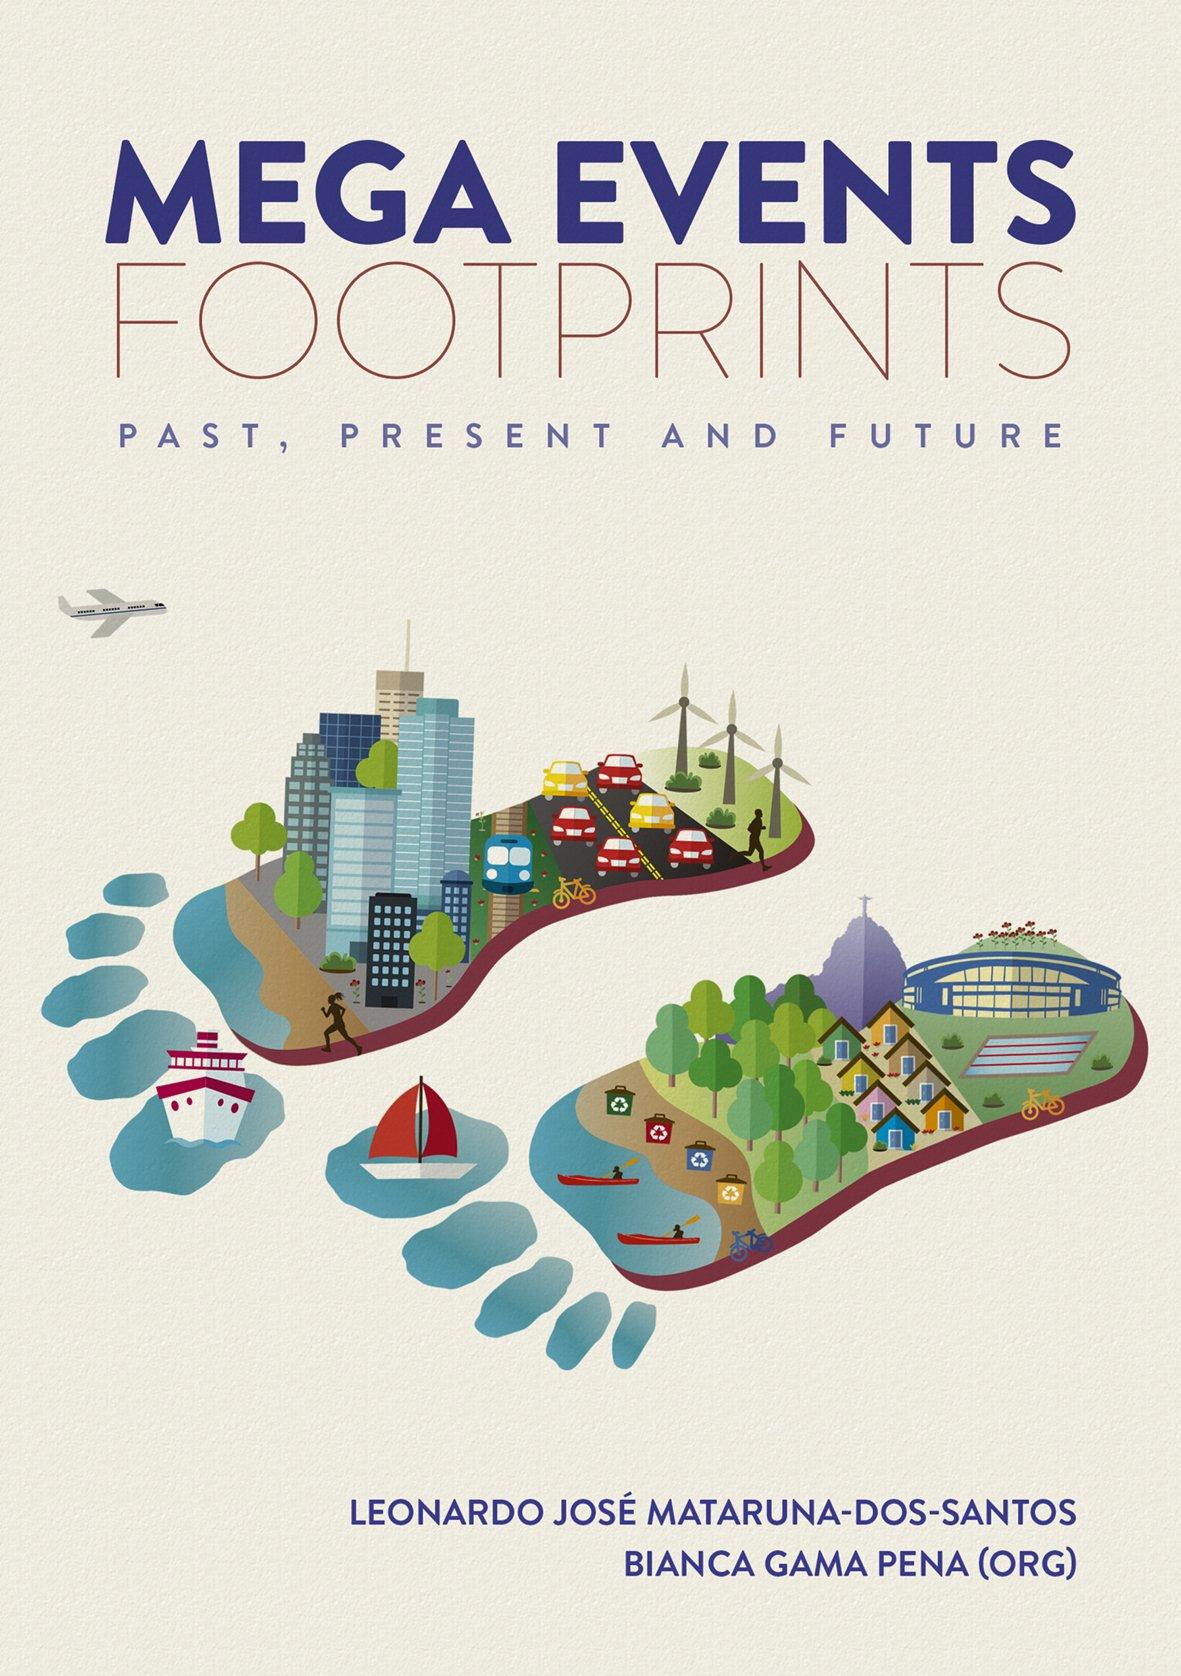 01 capa mega events footprints